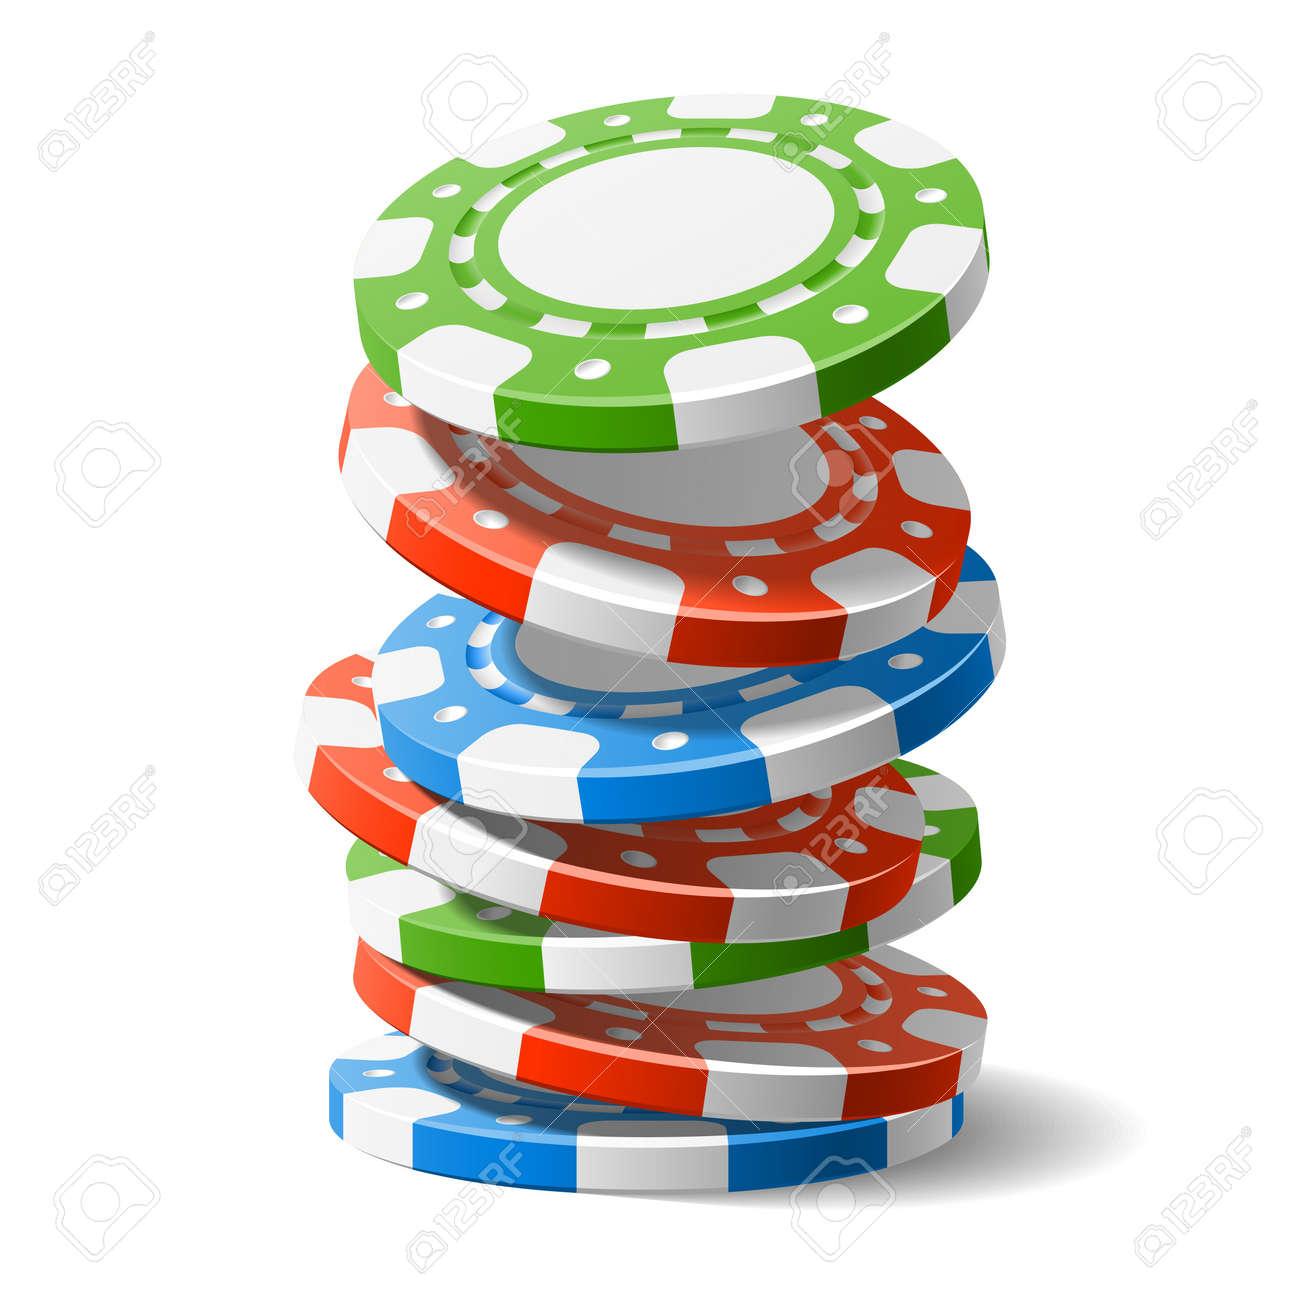 Falling casino chips - 12956010